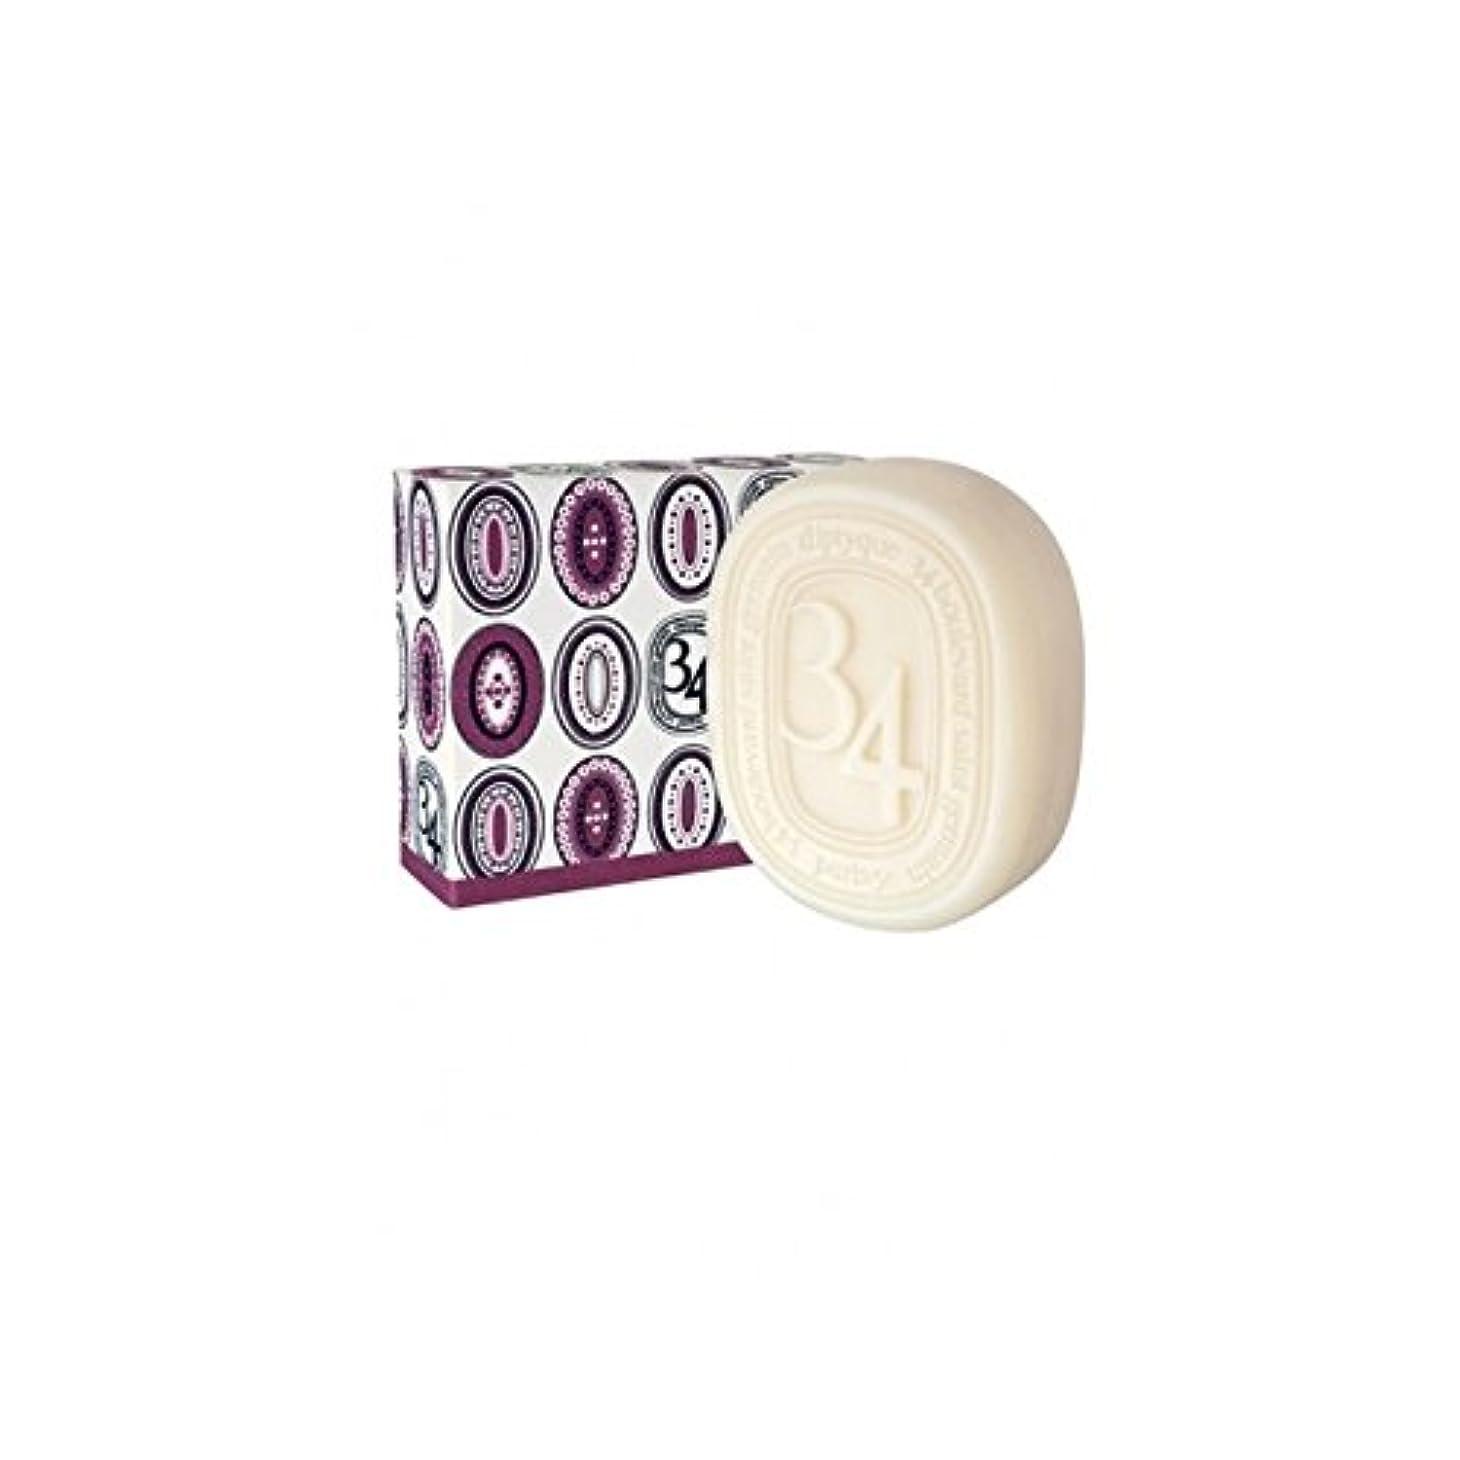 浪費異常誤解Diptyqueコレクション34大通りサンジェルマン石鹸100グラム - Diptyque Collection 34 Boulevard Saint Germain Soap 100g (Diptyque) [並行輸入品]